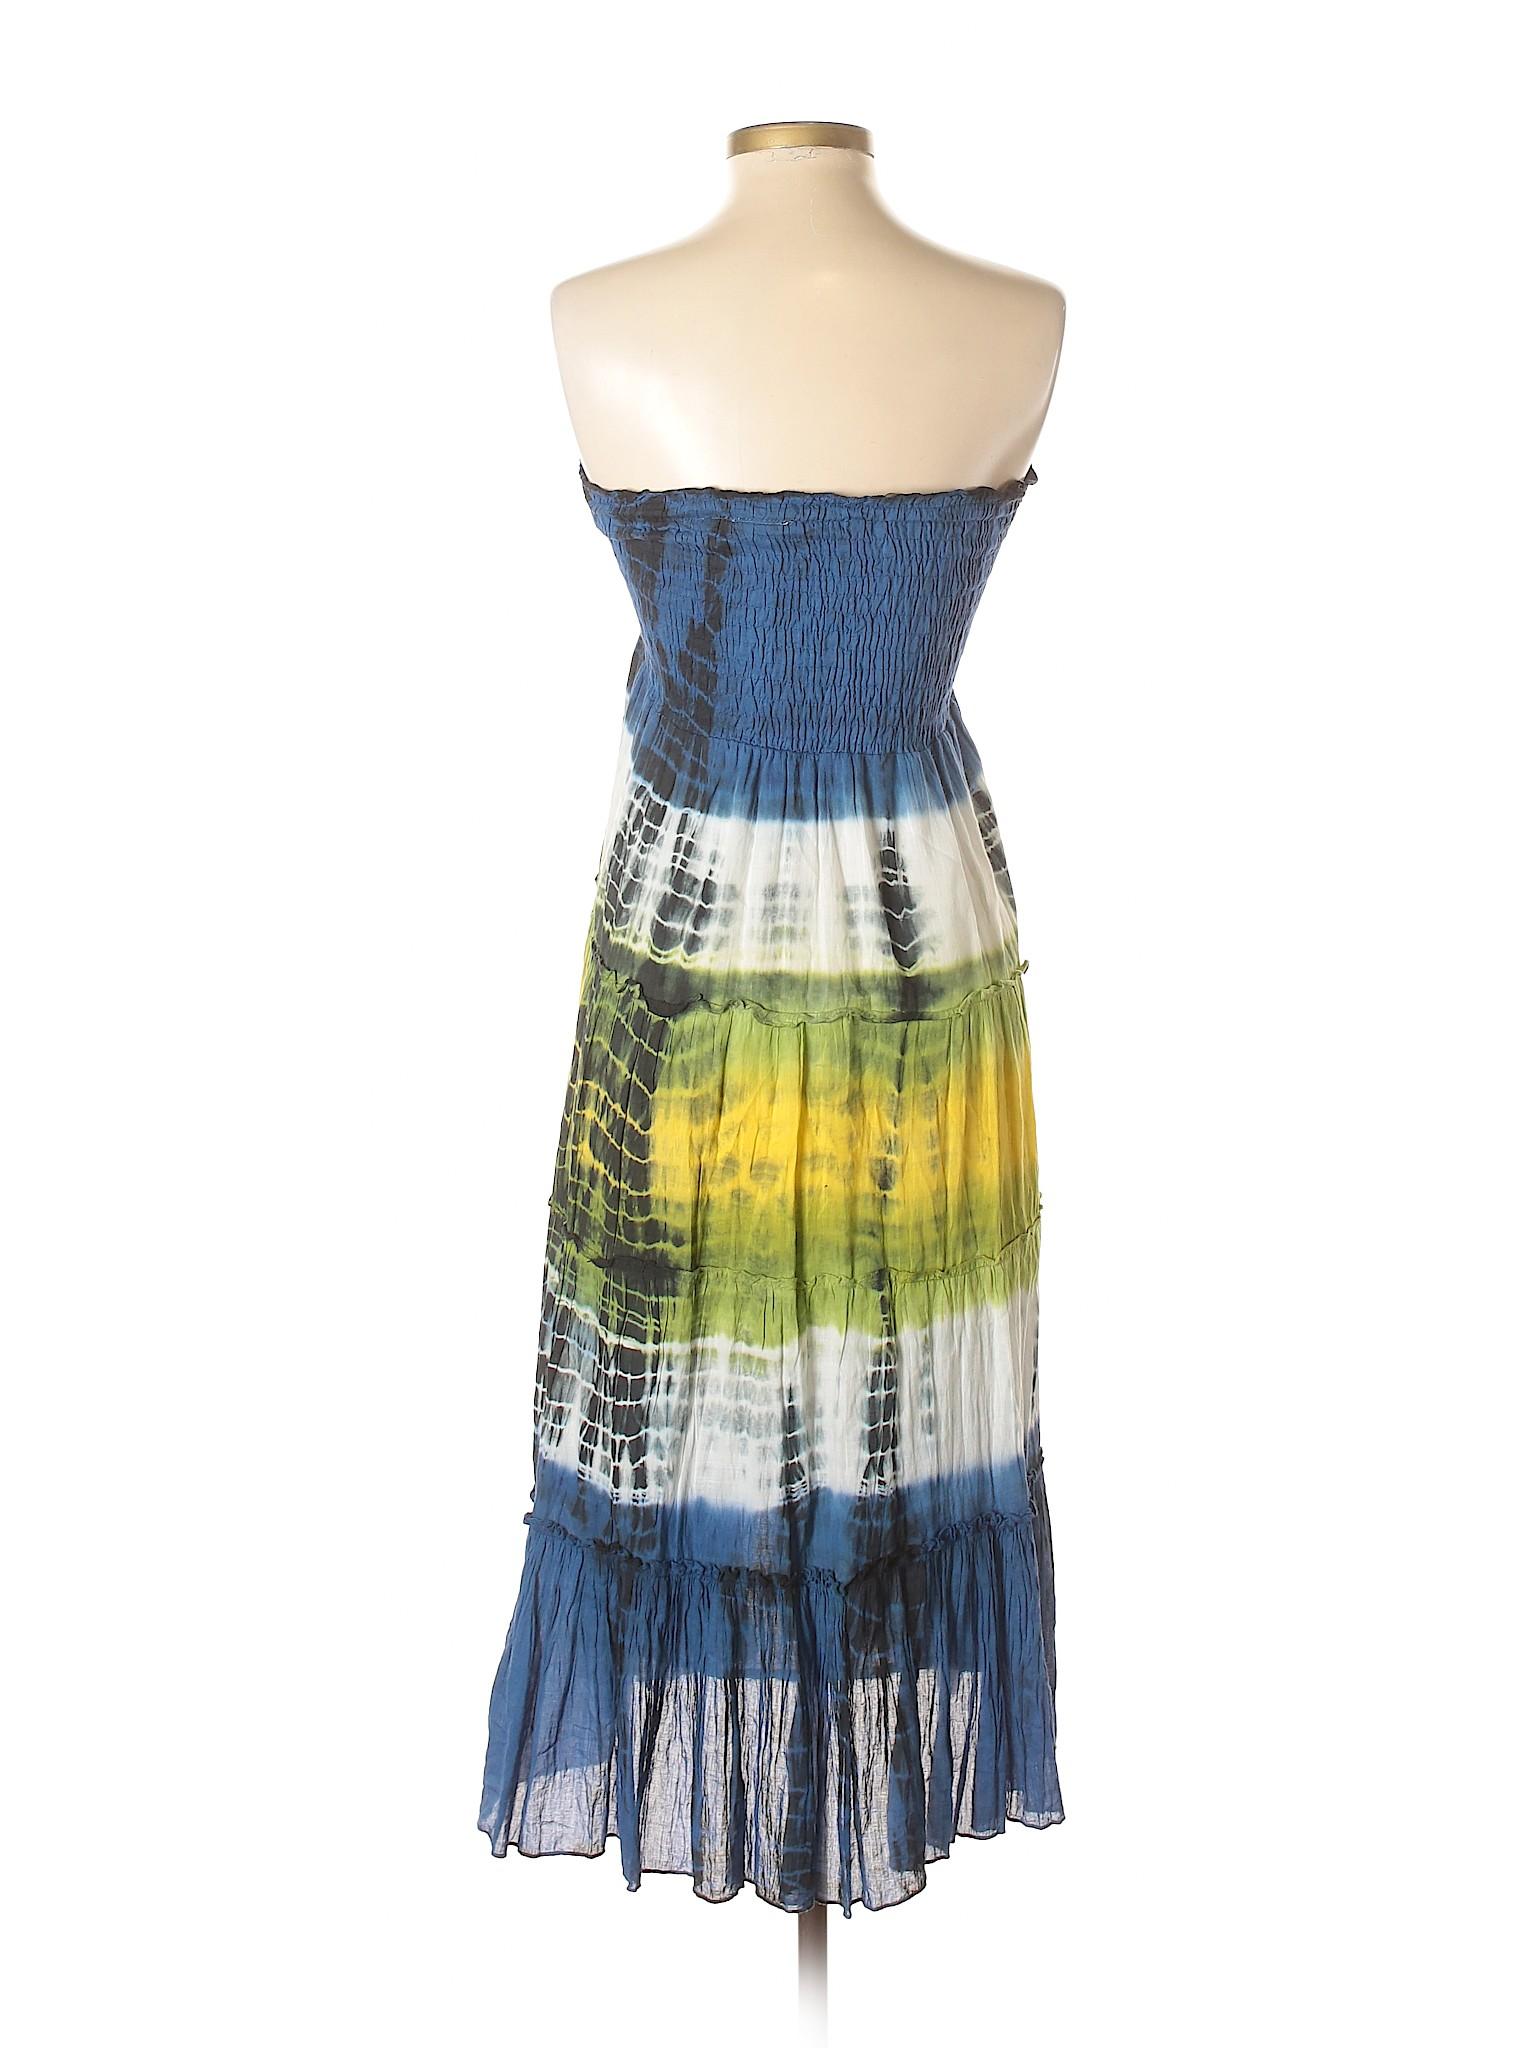 Cato Dress Boutique Casual winter winter Cato Boutique Casual q0xxSX8